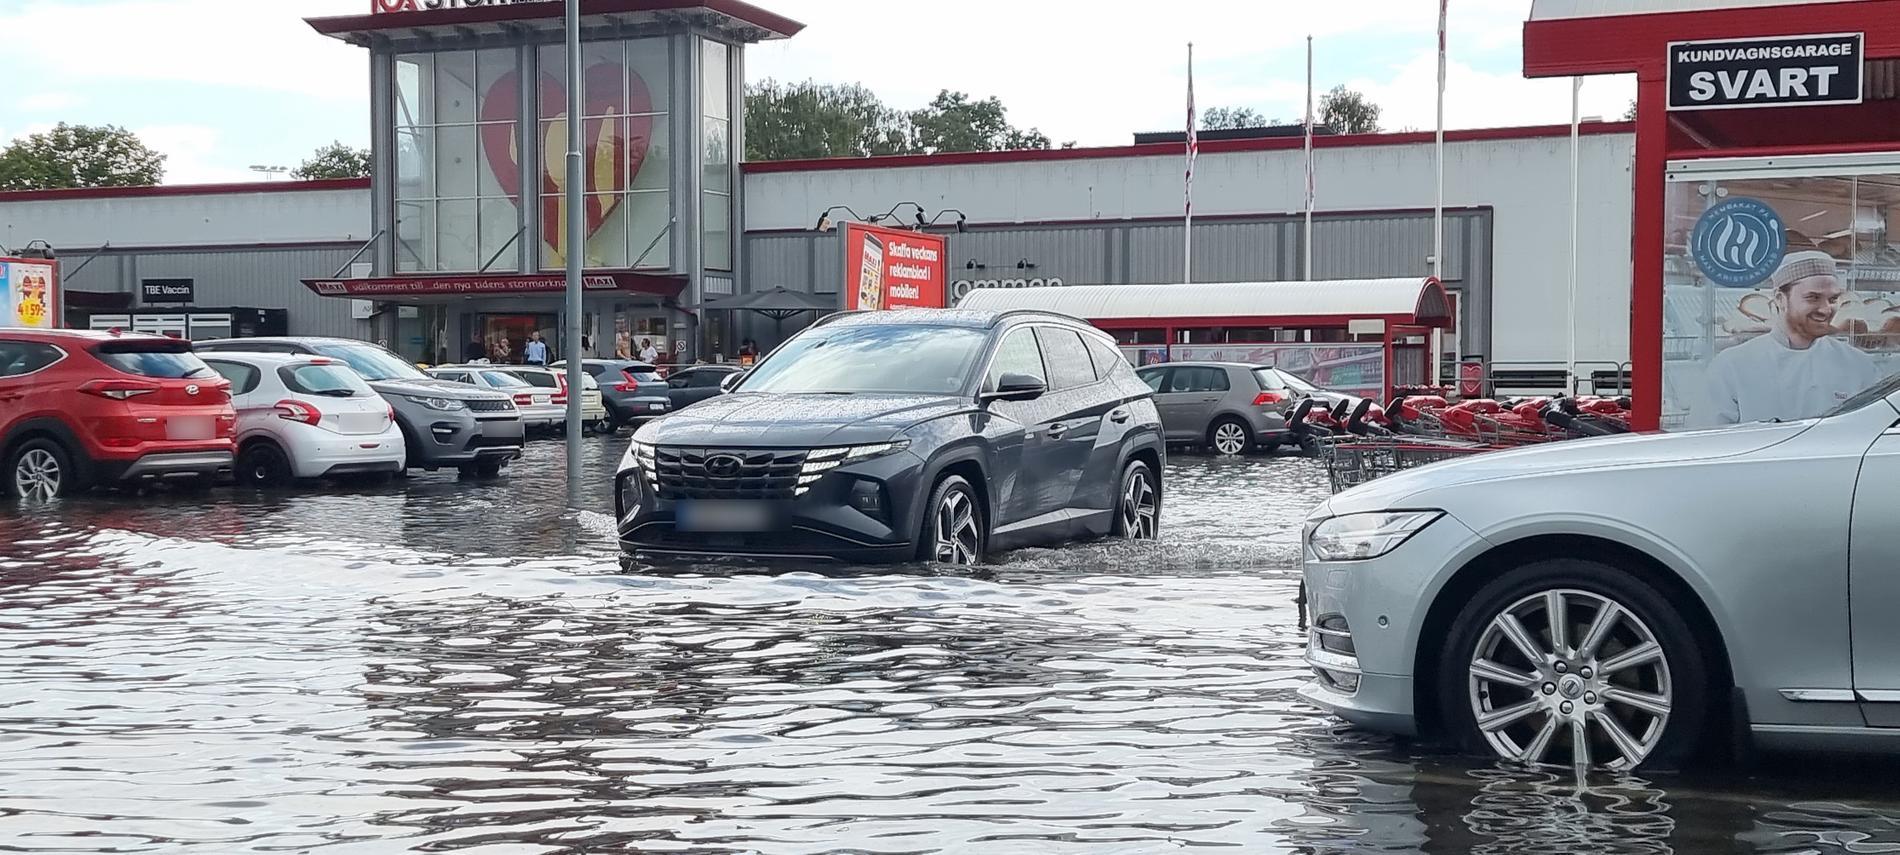 Stora vattenmassor på parkeringen utanför Ica Maxi i Kristianstad.